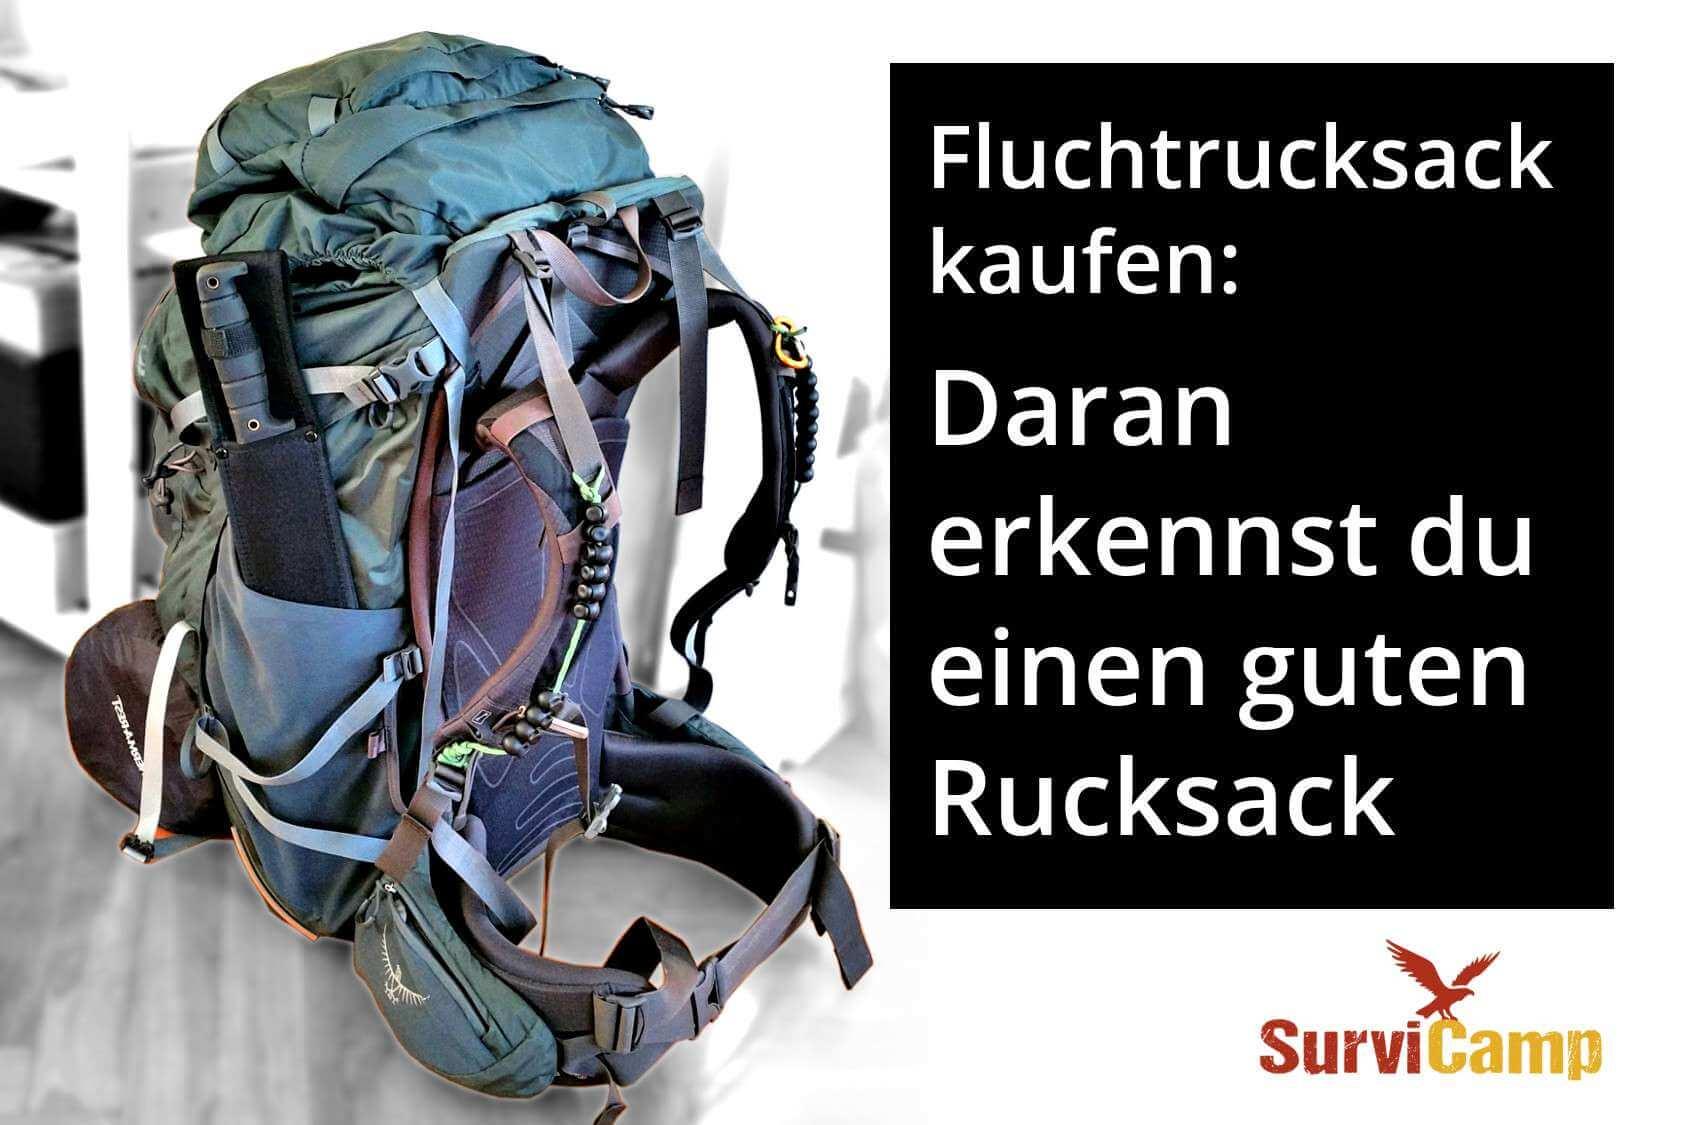 a41e101b942052 Fluchtrucksack kaufen - Daran erkennst du einen guten Rucksack - SurviCamp